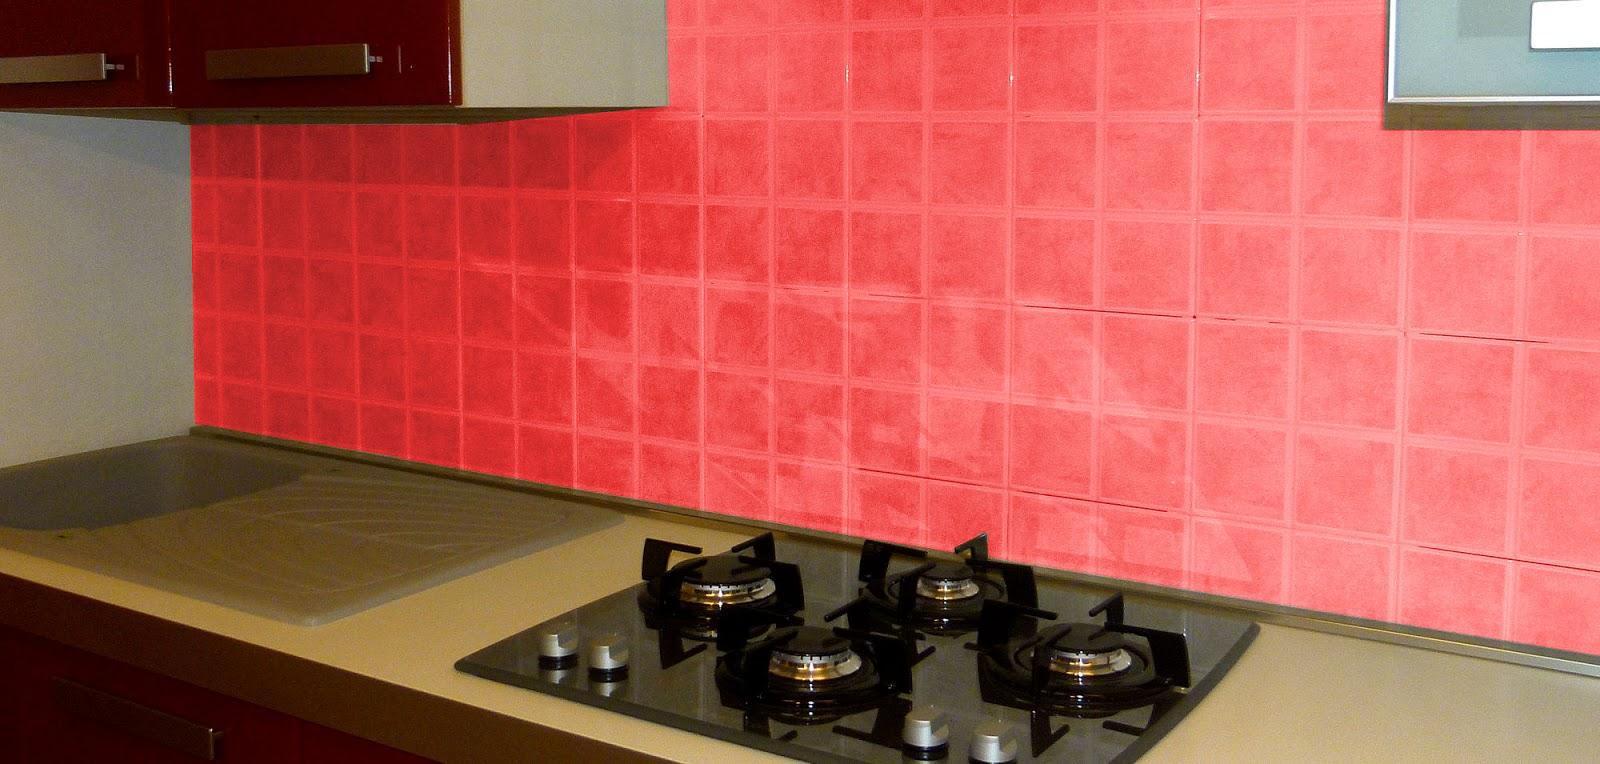 Errelab crea in resina pareti in resina per coprire vecchie piastrelle - Pannelli per coprire piastrelle bagno ...